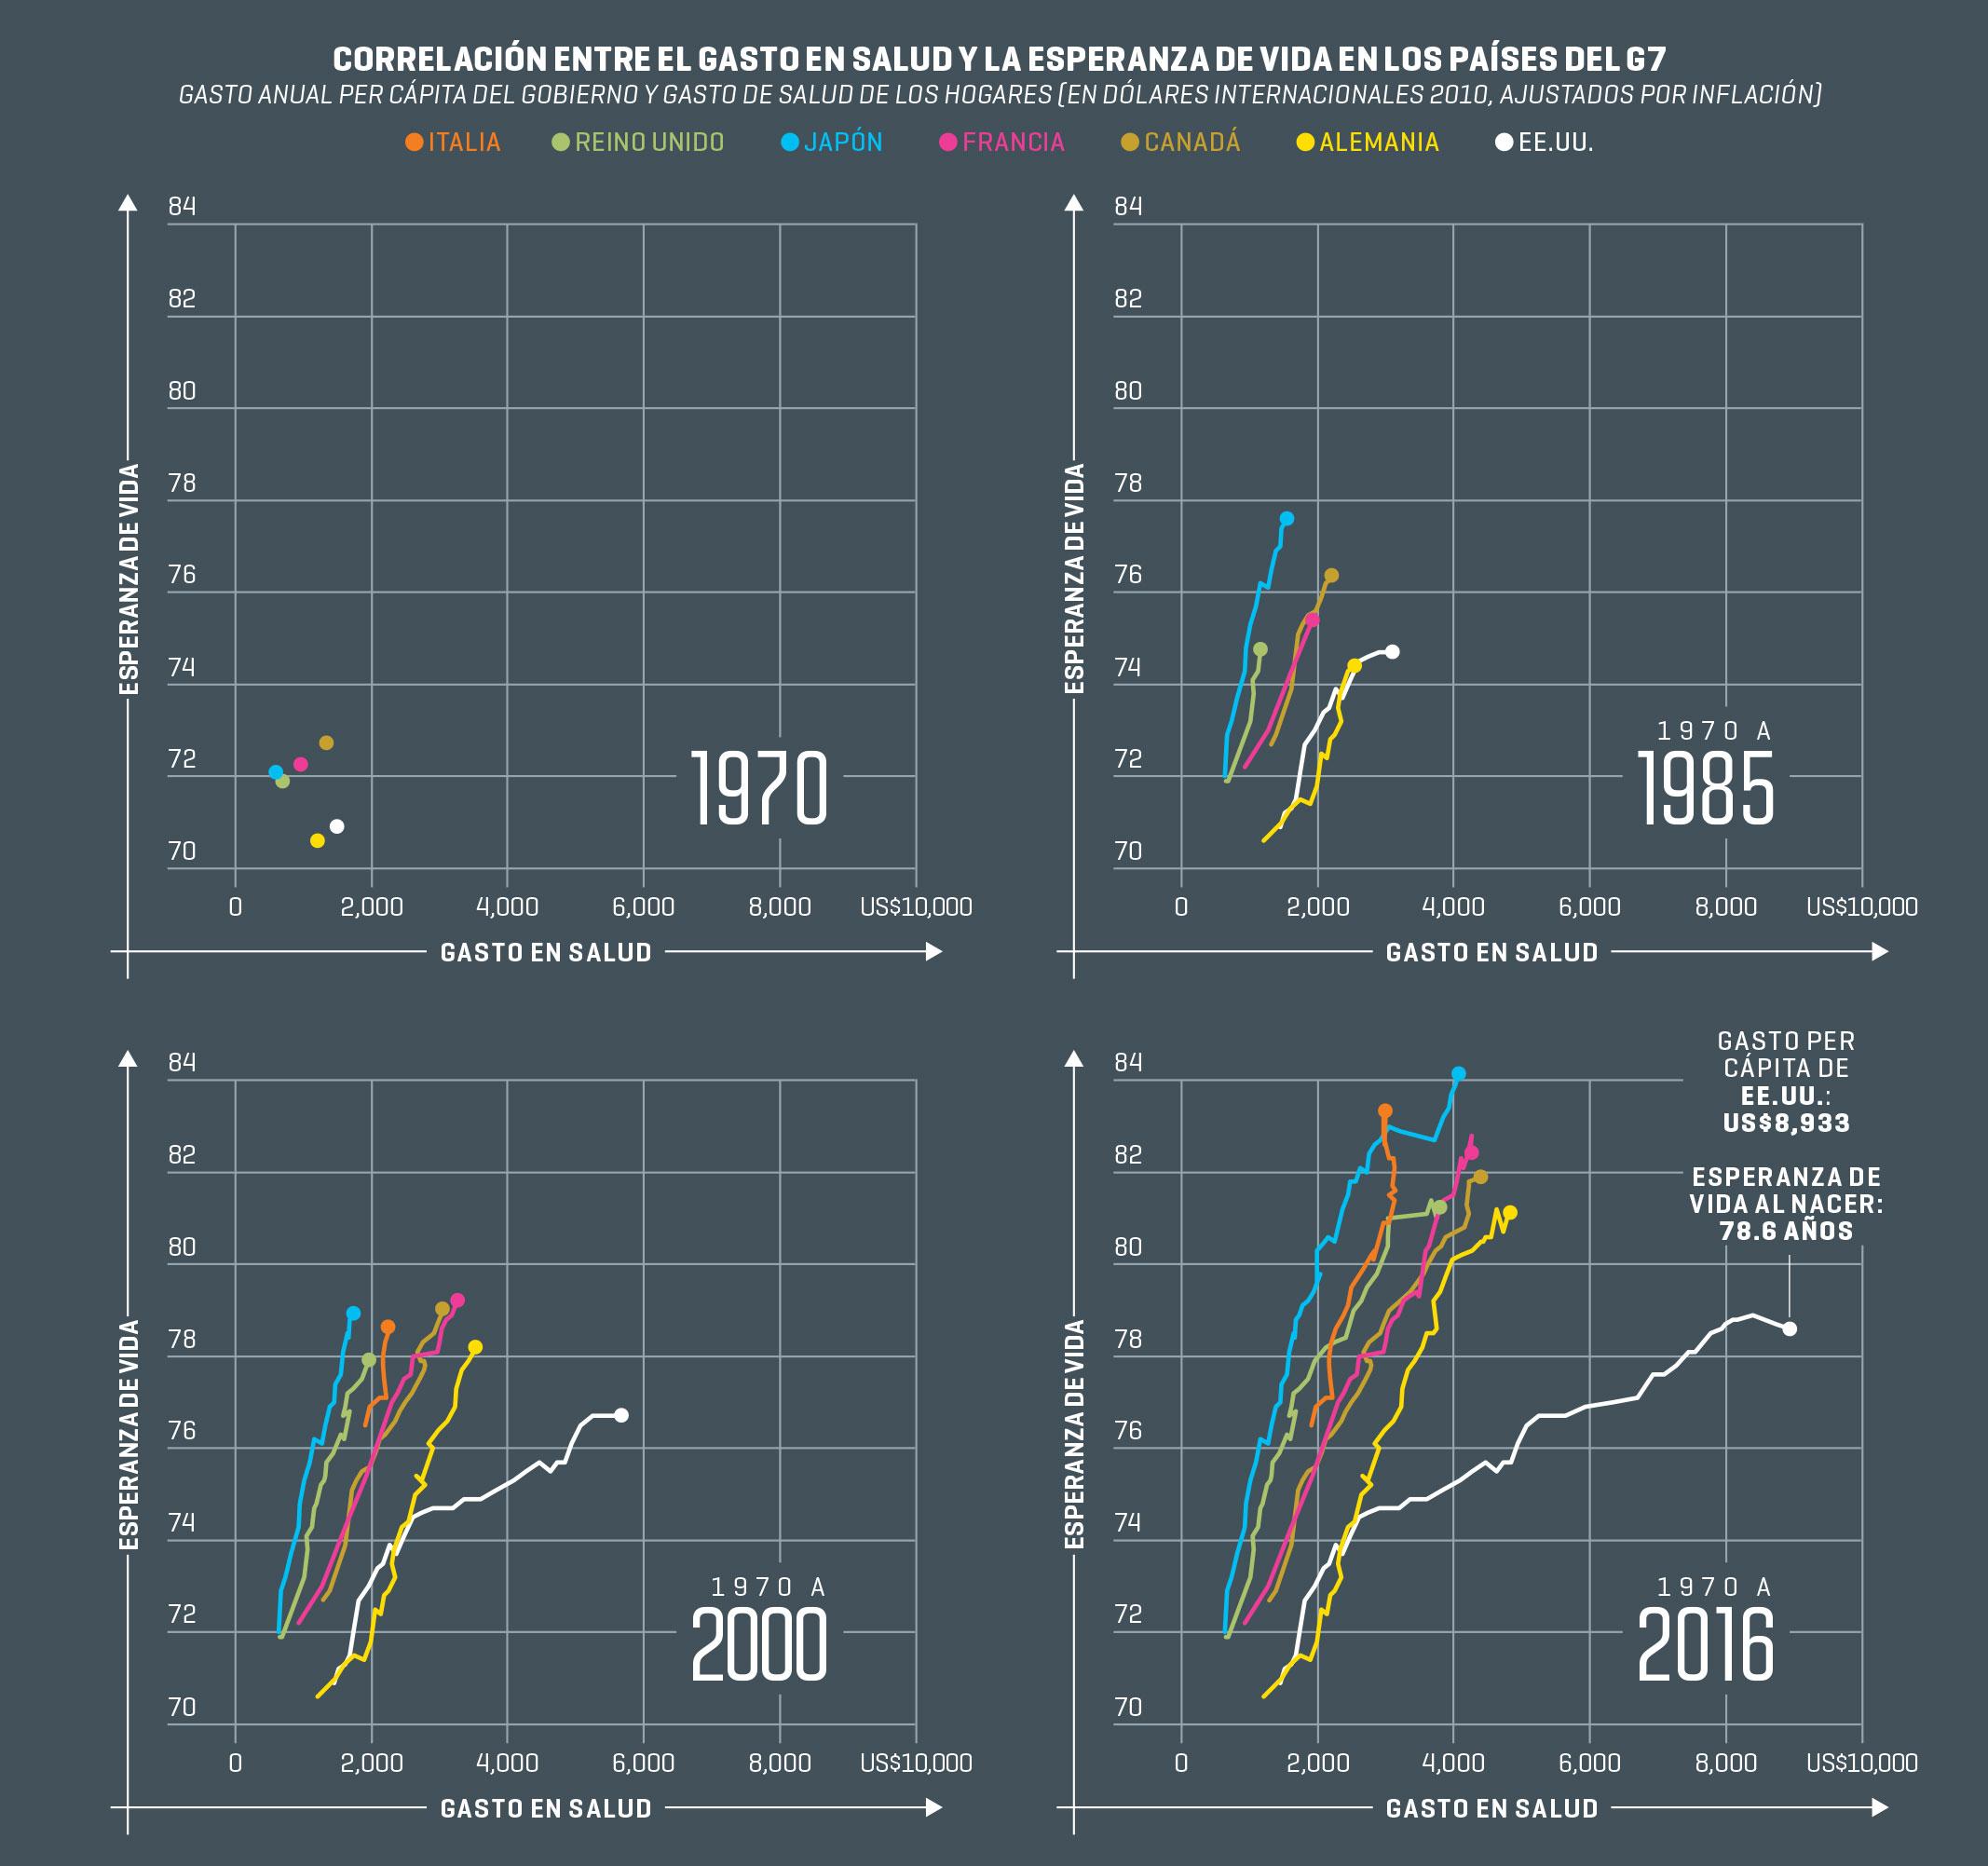 Last Byte | Correlación del gasto en salud y la esperanza de vida de los países del G7